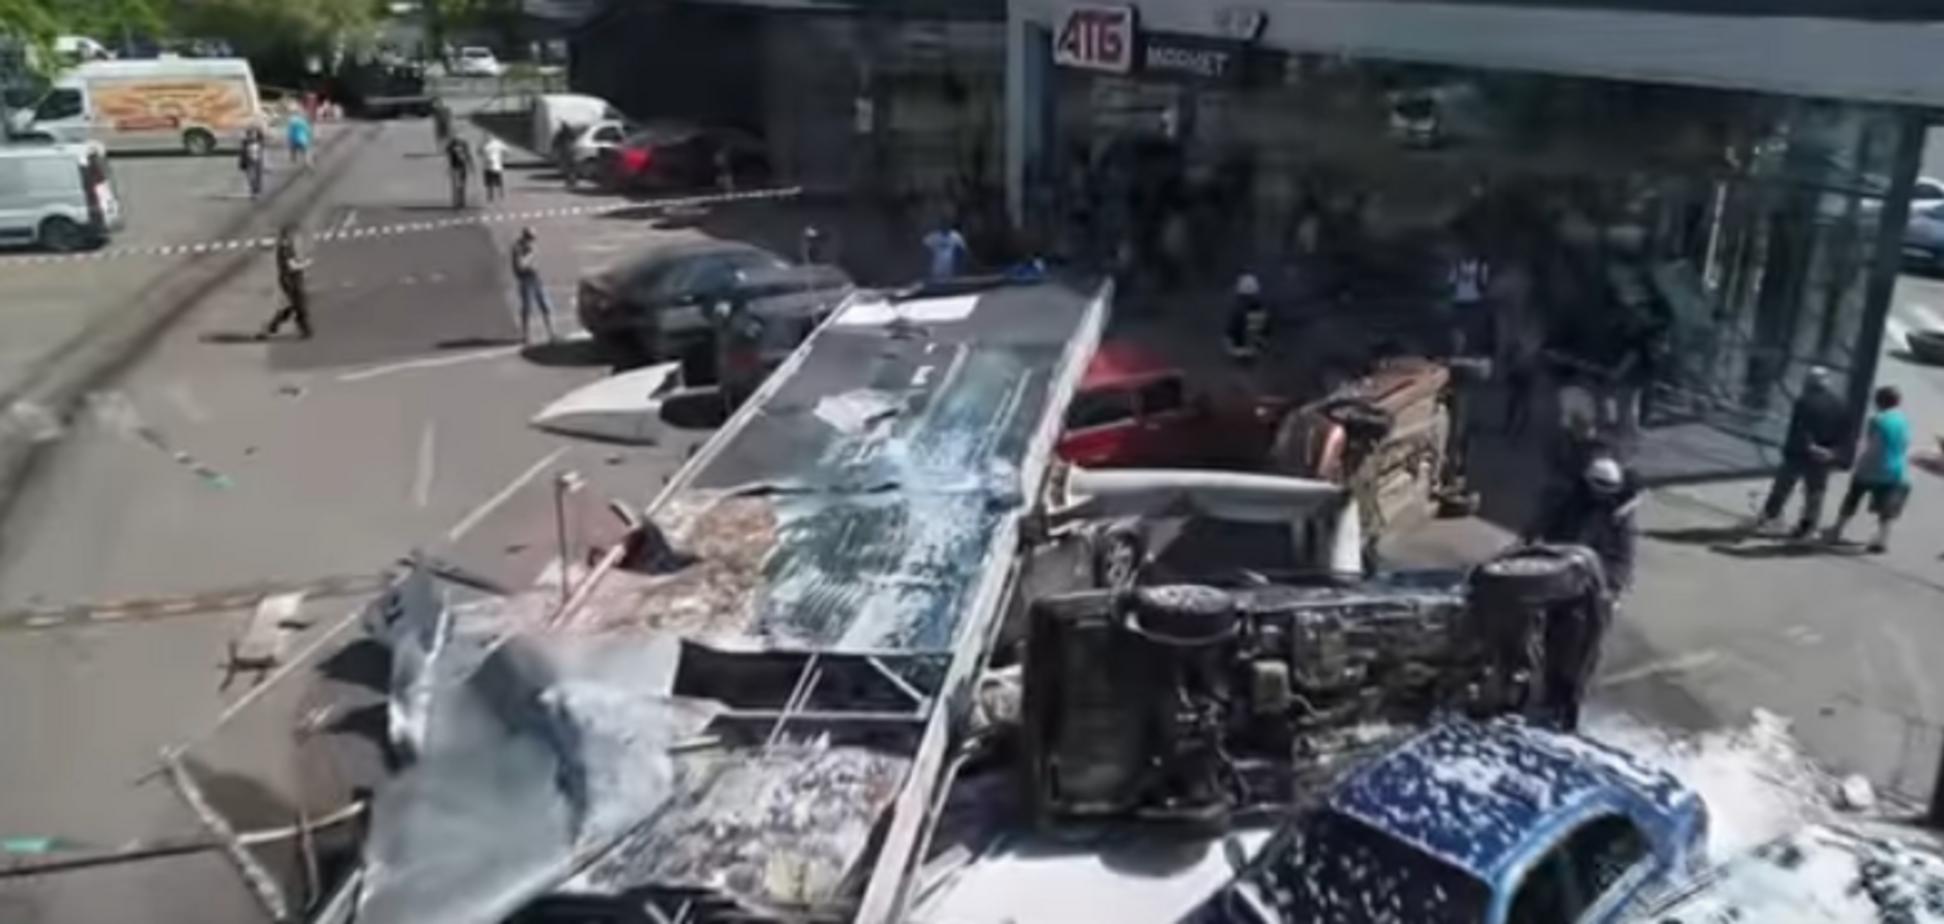 Смертельна ДТП із фурою в Дніпрі: з'явилися нові відео та подробиці